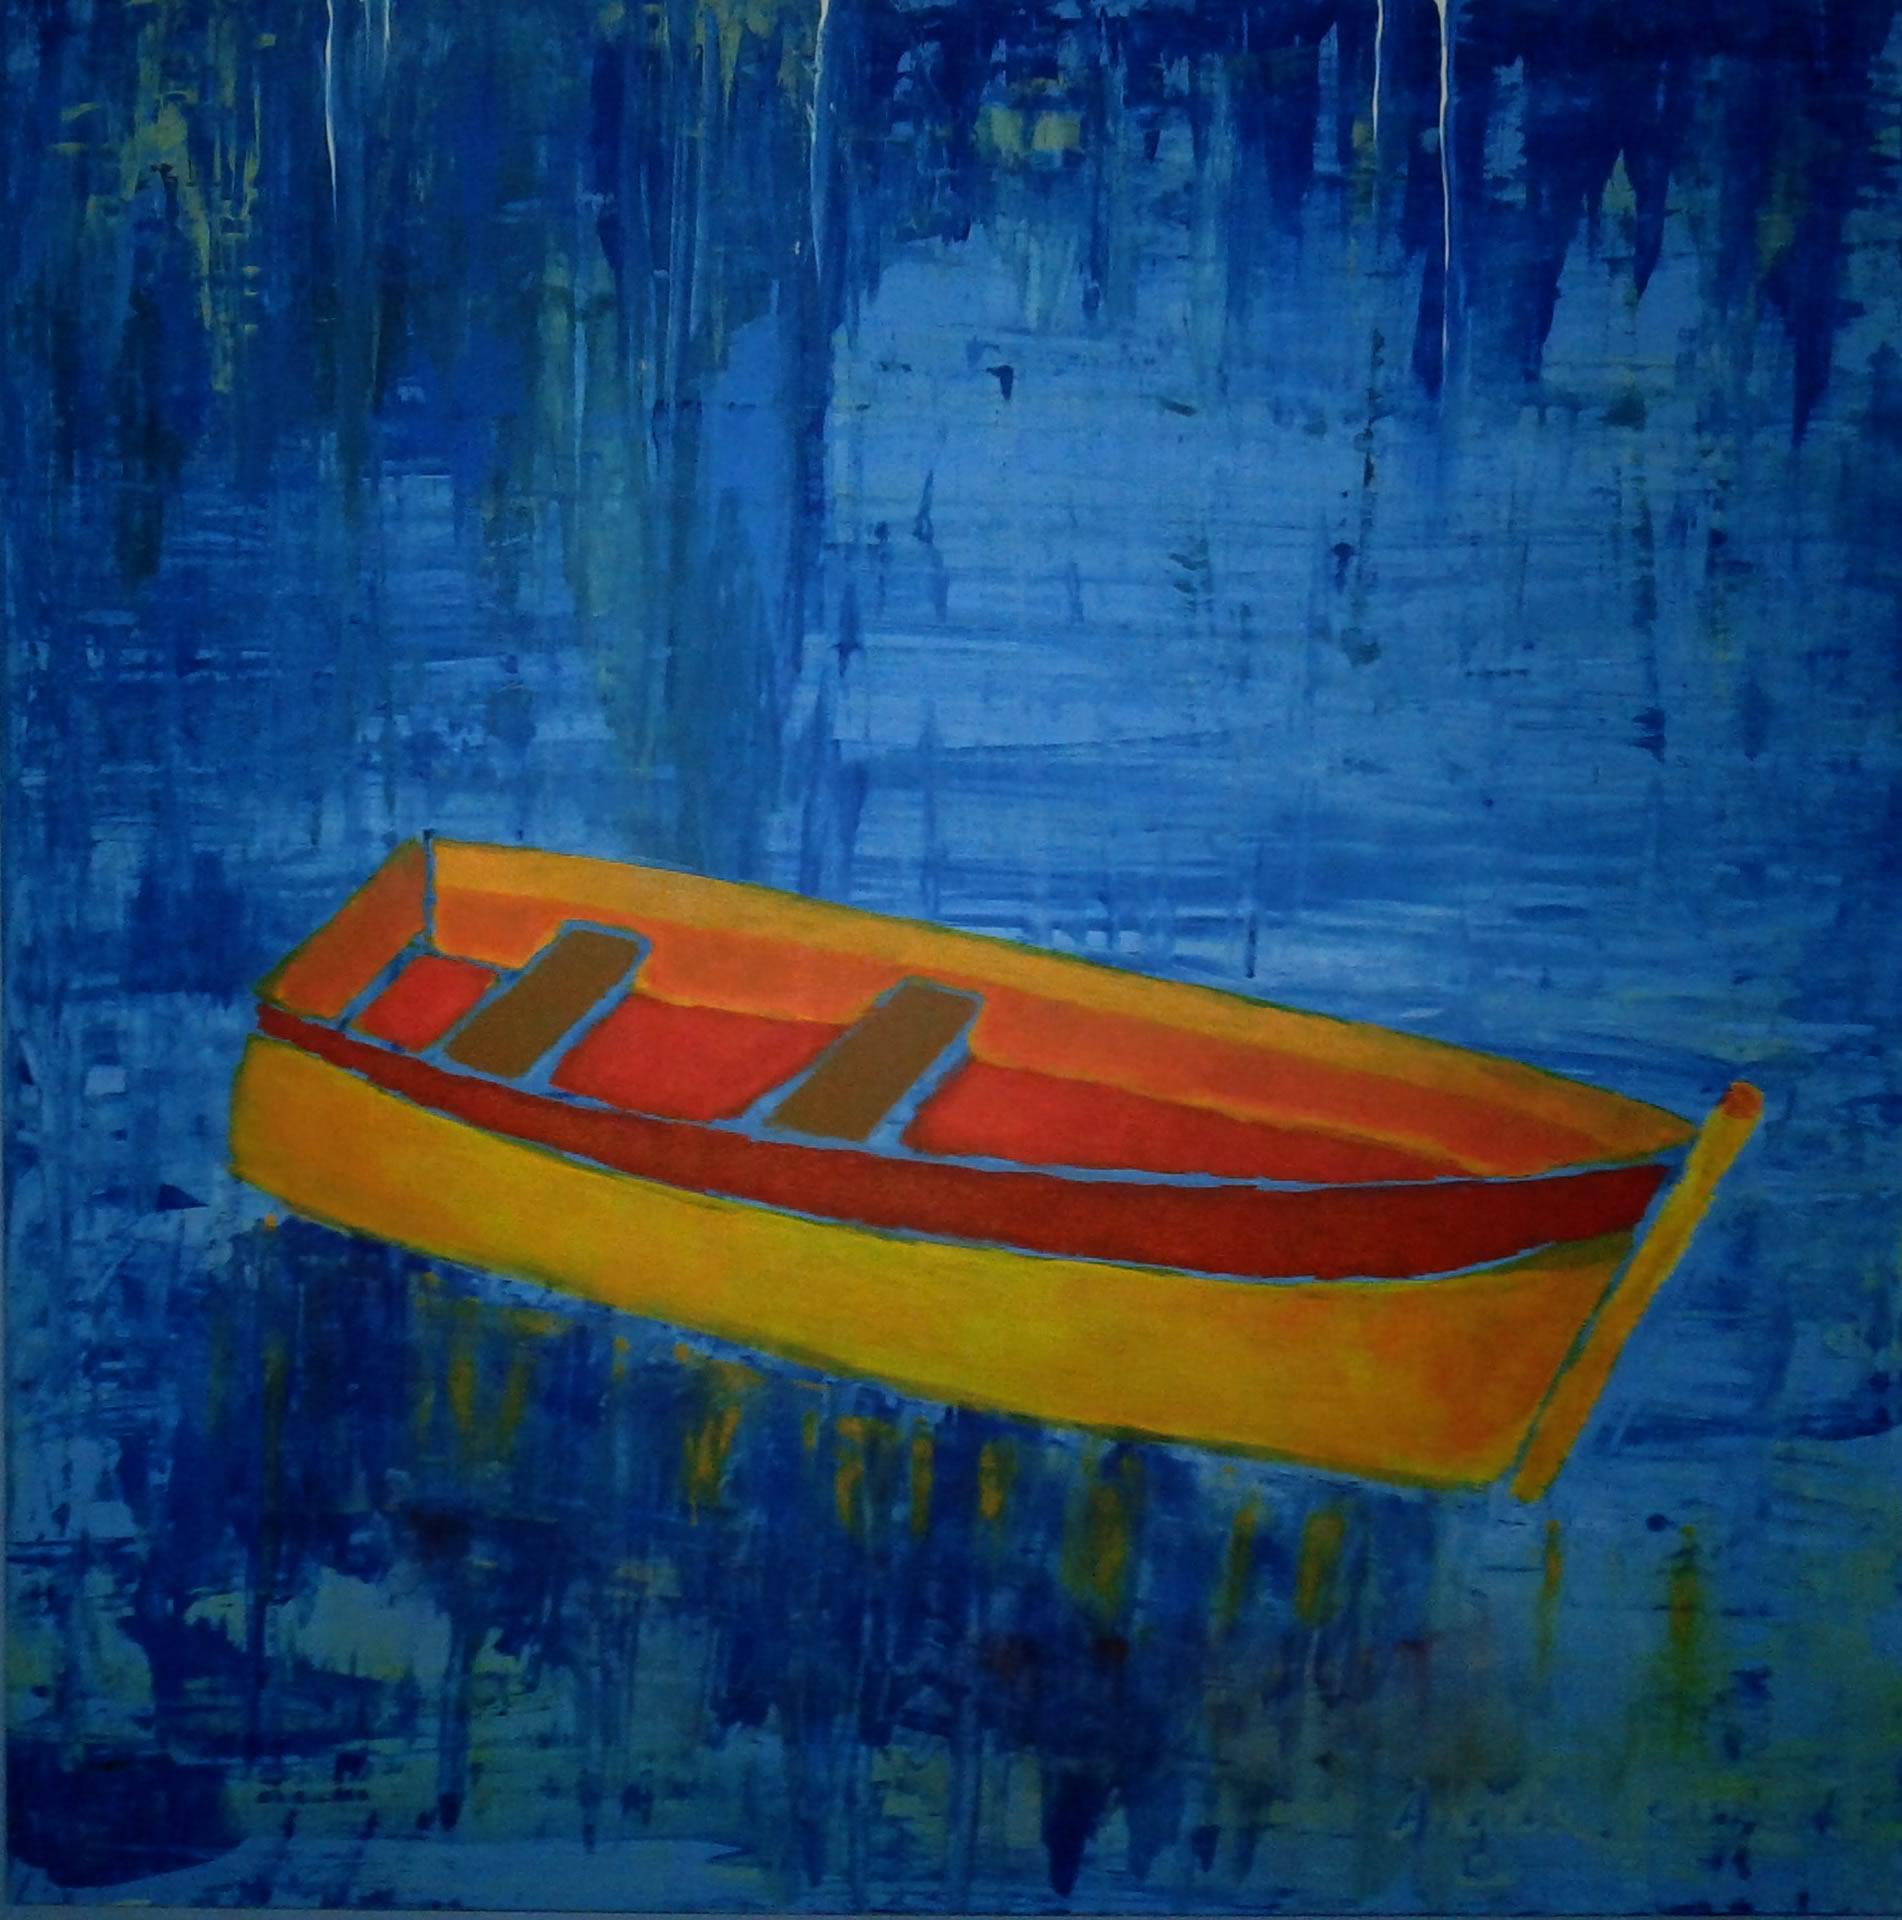 O Barco pintura decorativa angela lemos